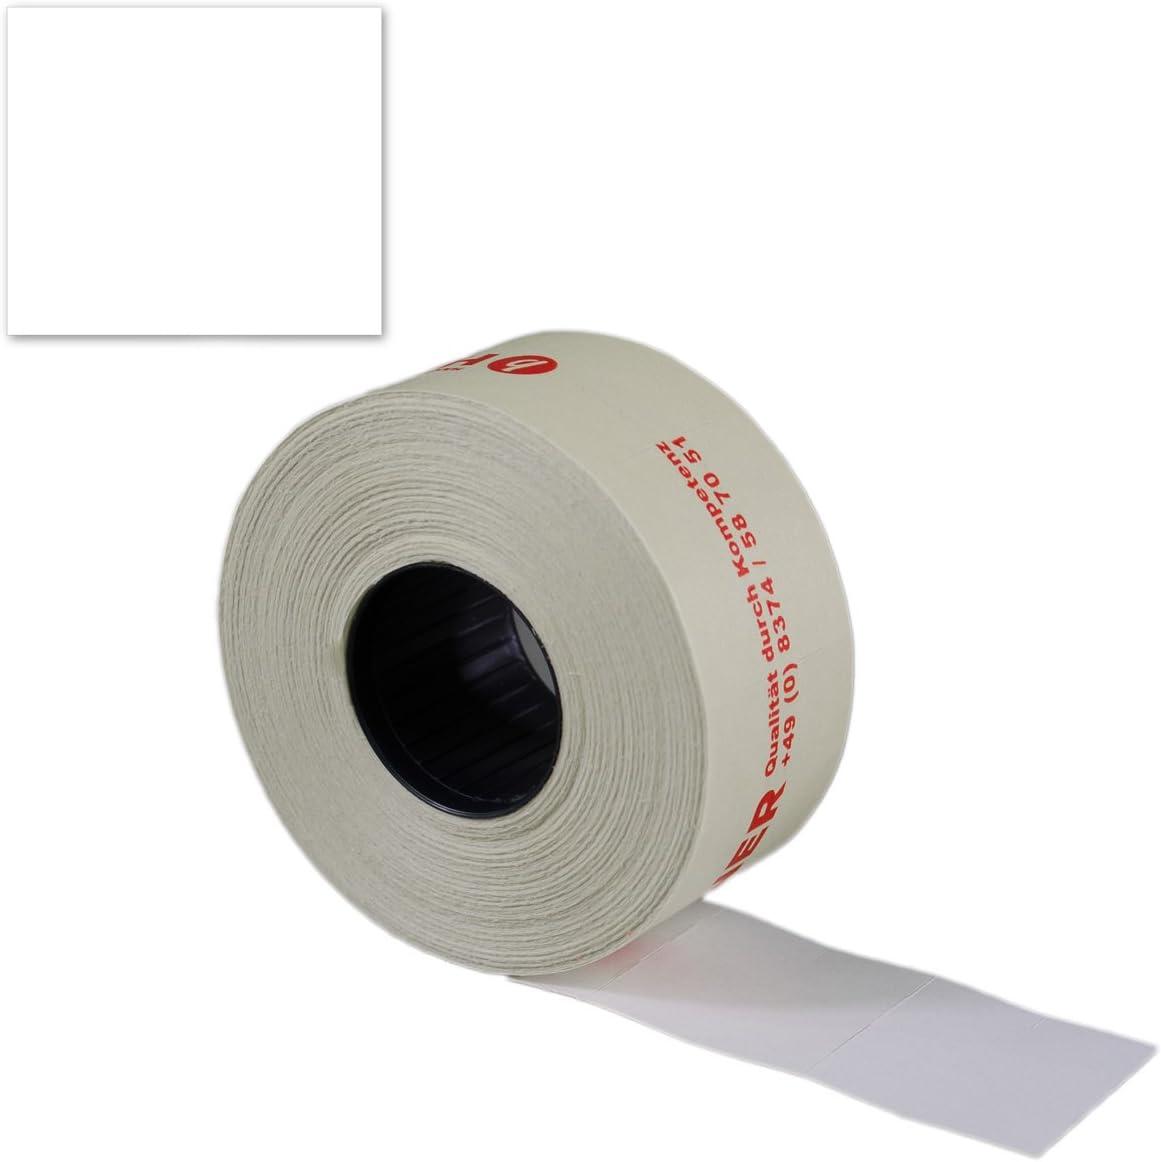 PE551= 30 Rollen a 700 Etiketten 29x28 mm RE weiß Preisauszeichner Preis